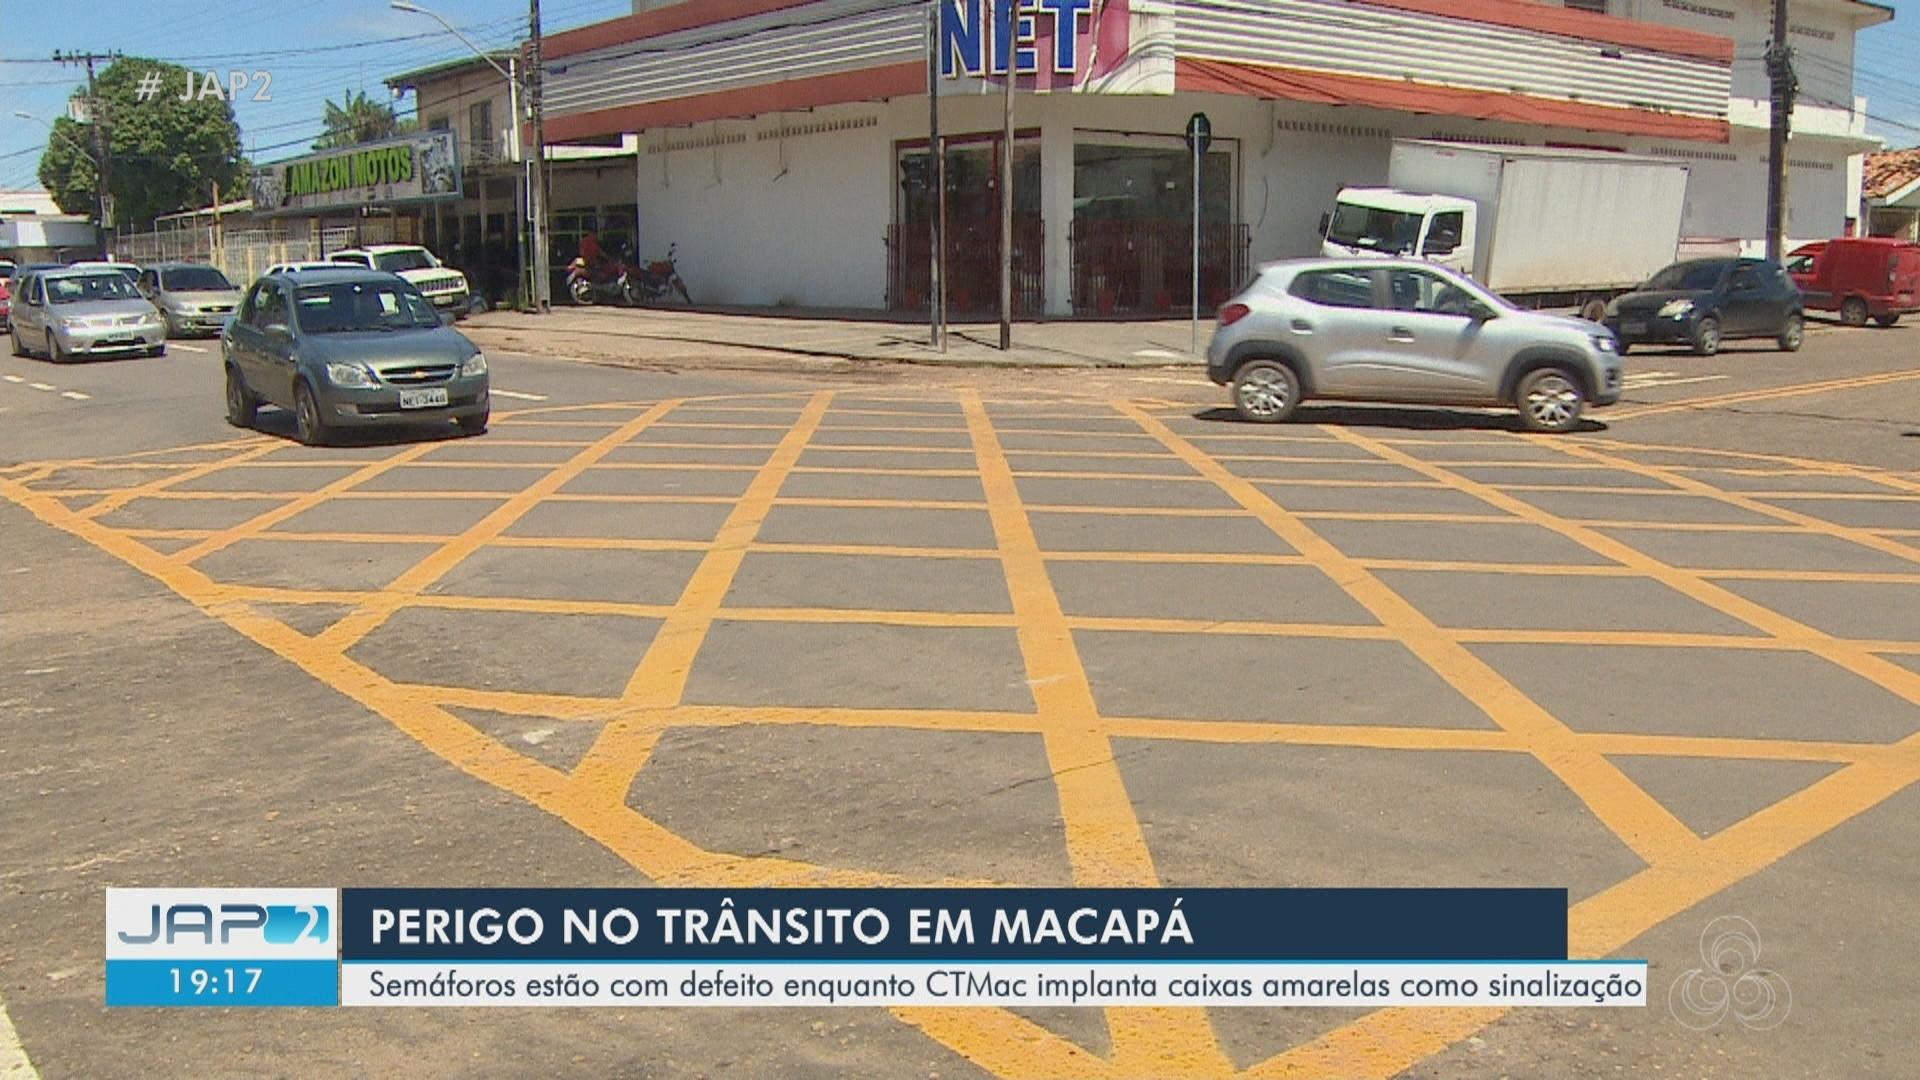 Apagão deixa 19 mil alunos da rede estadual sem aula em Iranduba e Manacapuru, no AM - Notícias - Plantão Diário